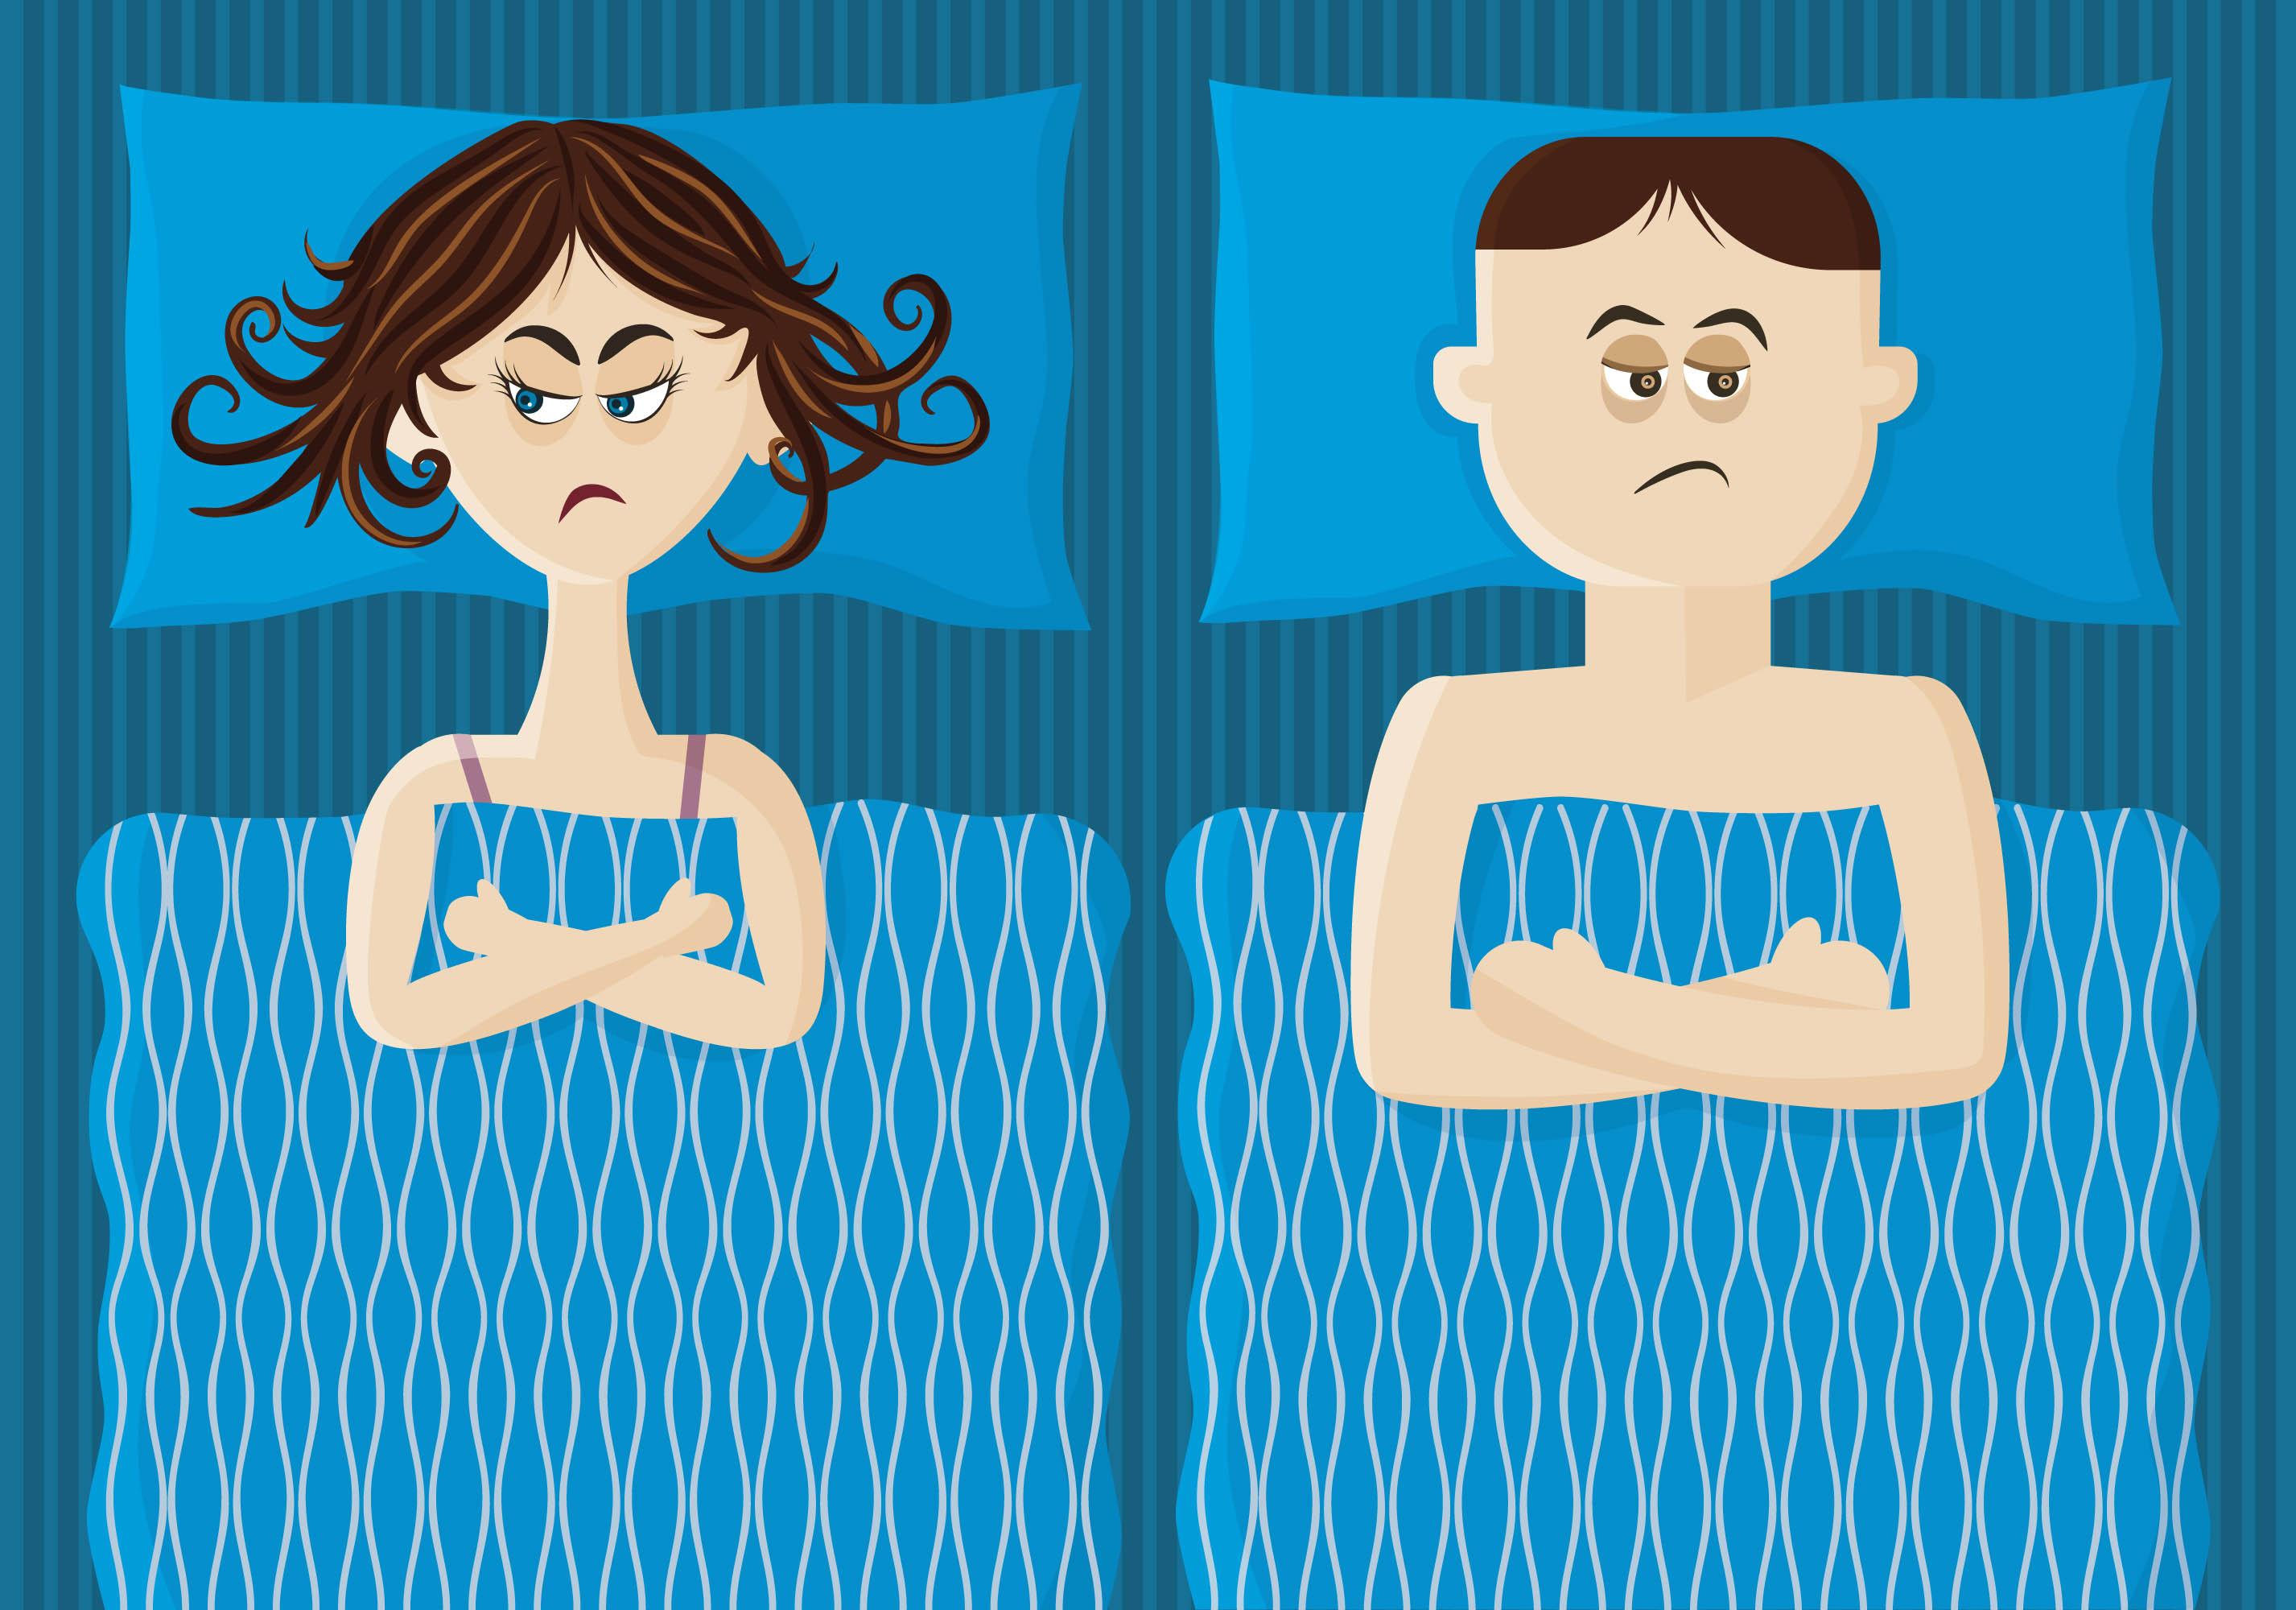 Na rysunku widać leżącą w łóżku parę, która jest na siebie obrażona